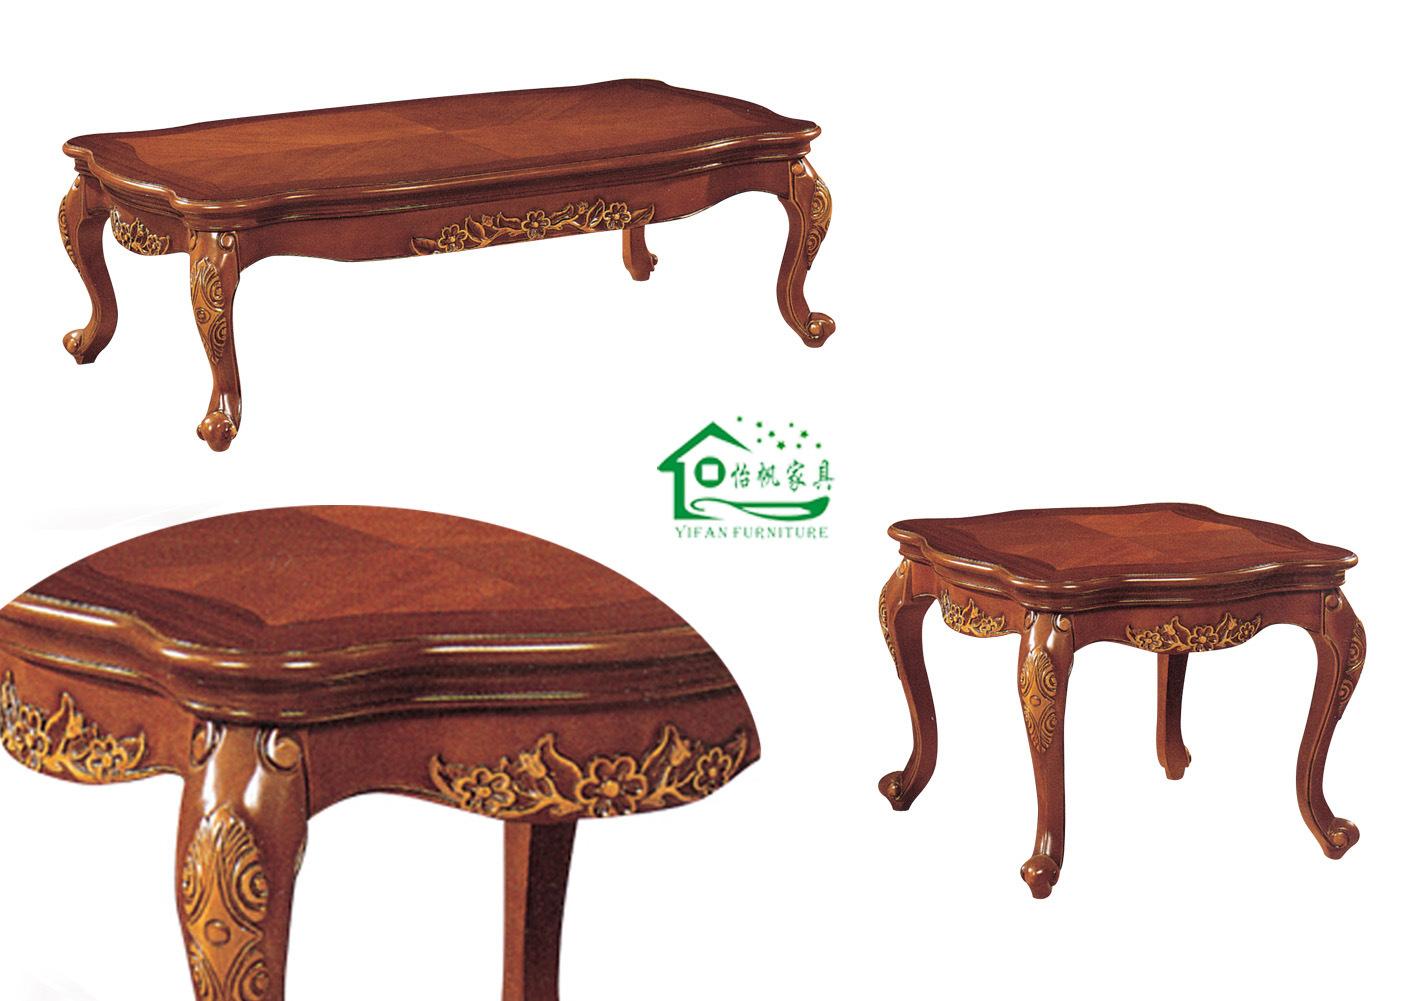 Mesa de centro de madera para sofa yf d11 mesa de centro de madera para sofa yf d11 - Mesas de sofa ...